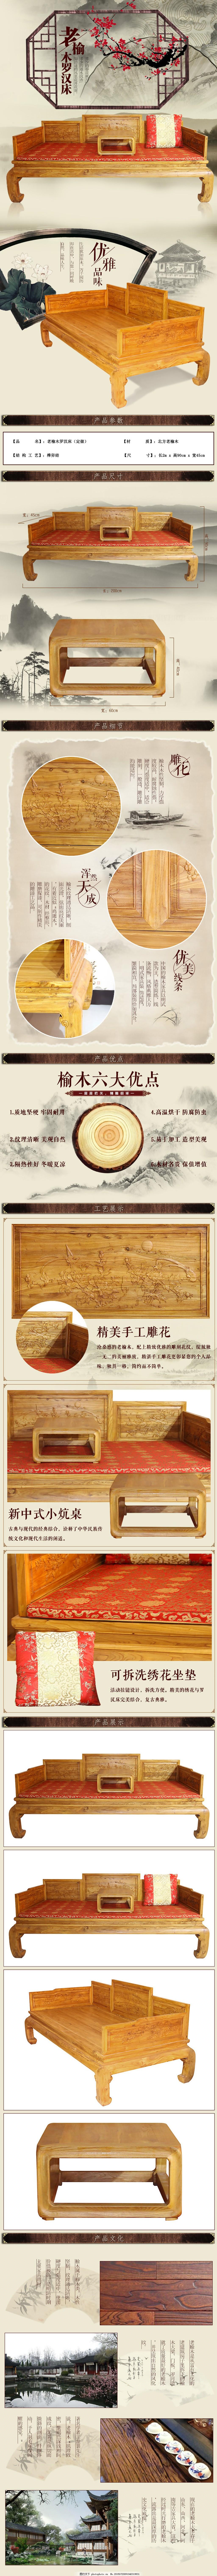 老榆木罗汉床家具详情页带源文件 淘宝素材 淘宝设计 淘宝模板下载